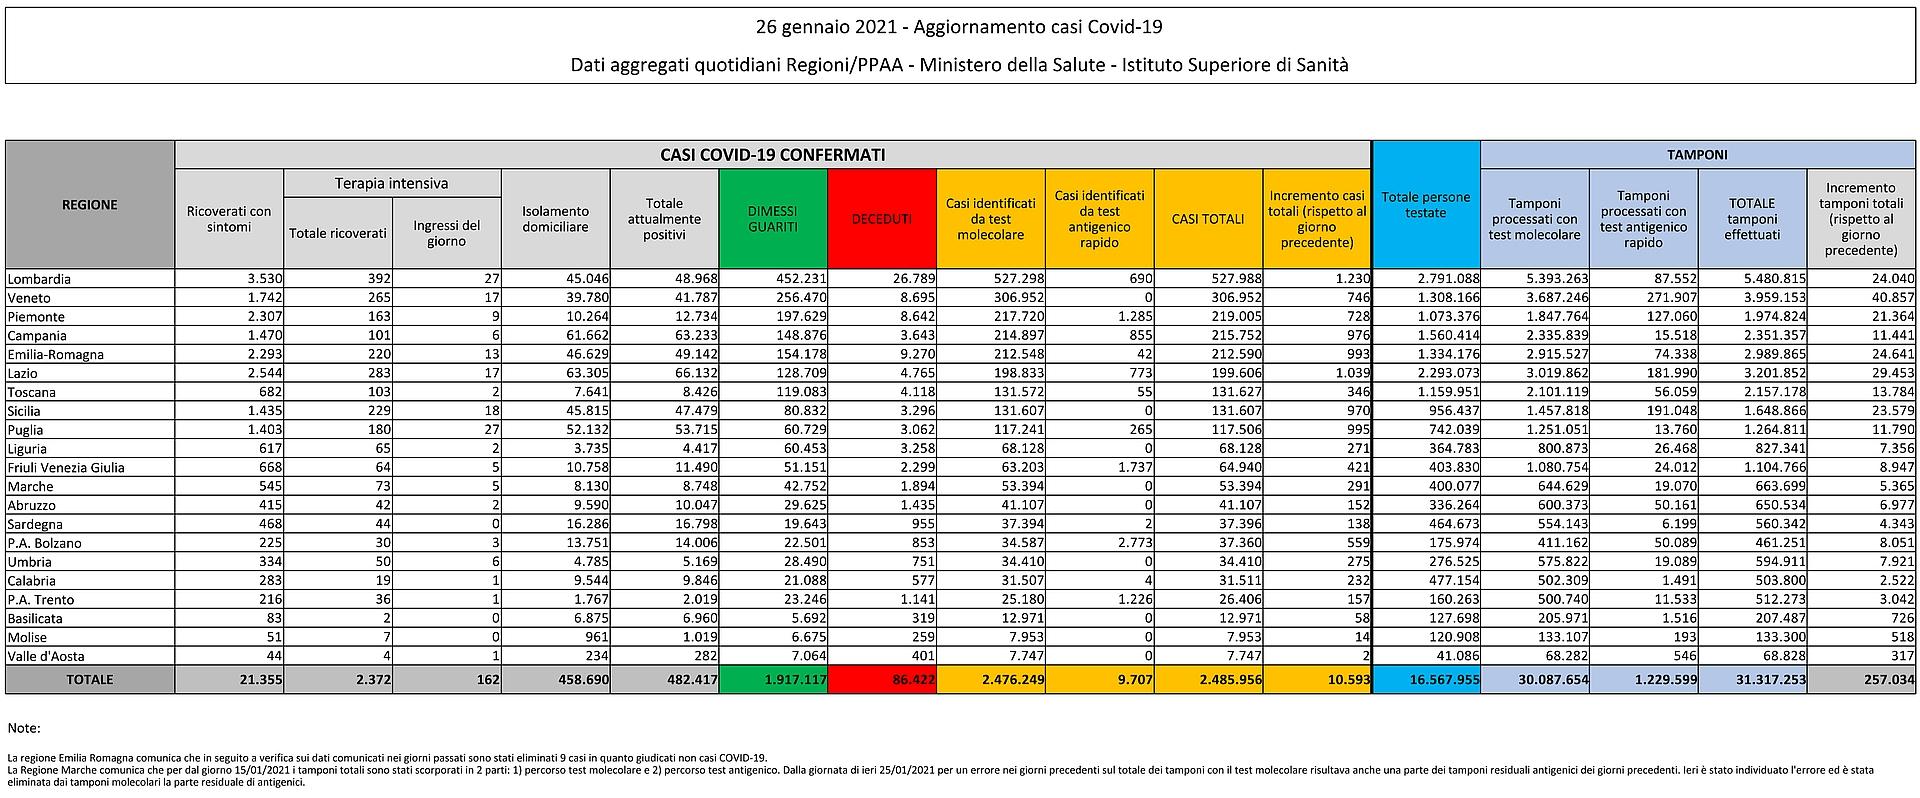 26 gennaio 2021 - Aggiornamento casi Covid-19 Dati aggregati quotidiani Regioni/PPAA - Ministero della Salute - Istituto Superiore di Sanità